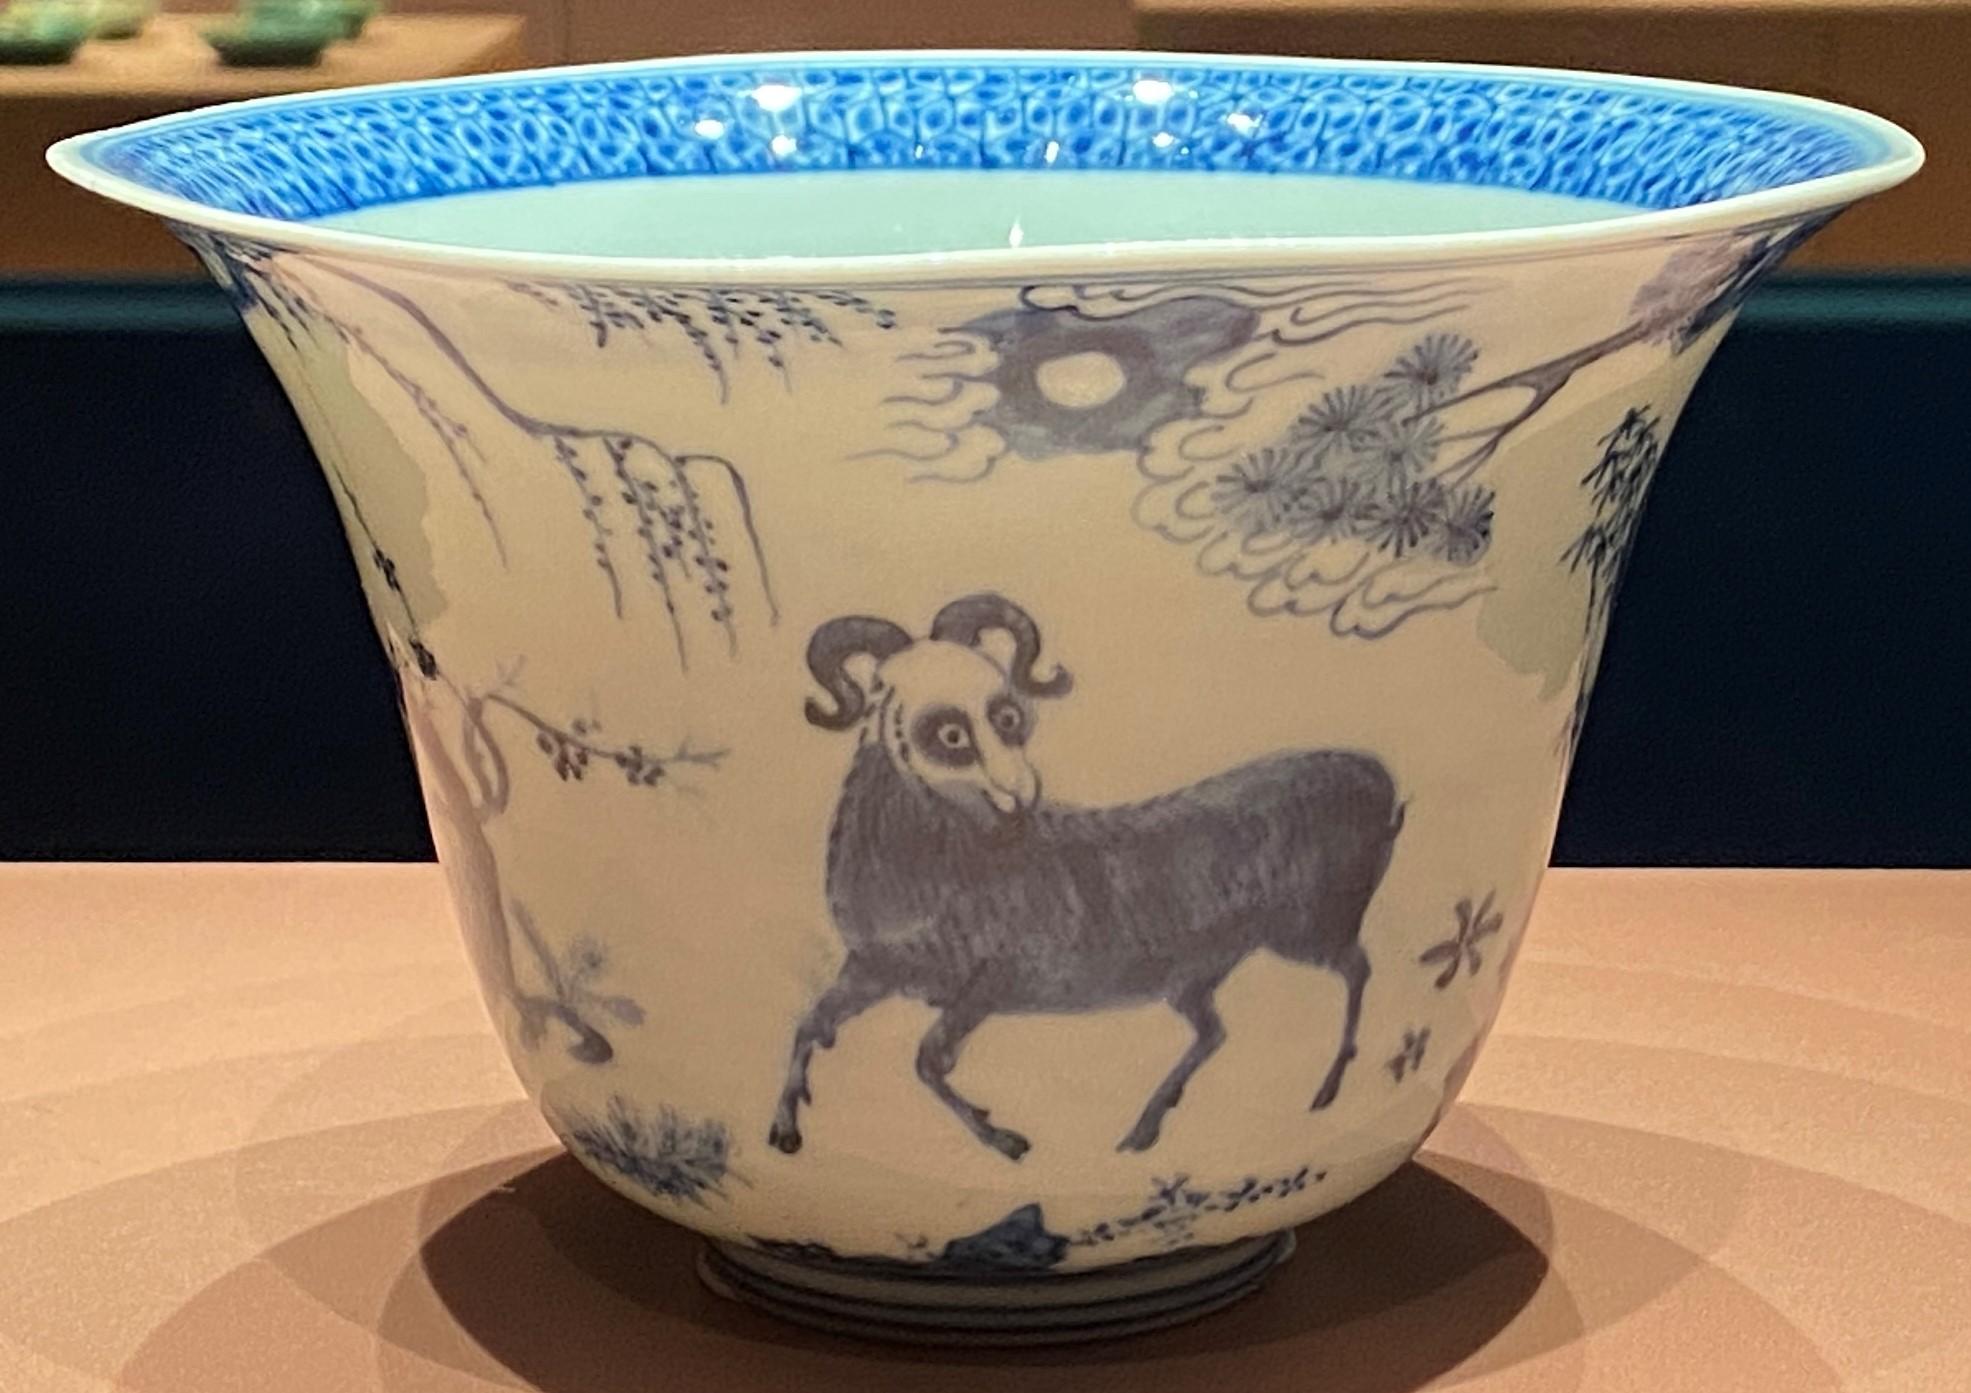 嘉靖青花三羊開泰鈴式碗-清時代-特別展【食味人間】四川博物院・中国国家博物館